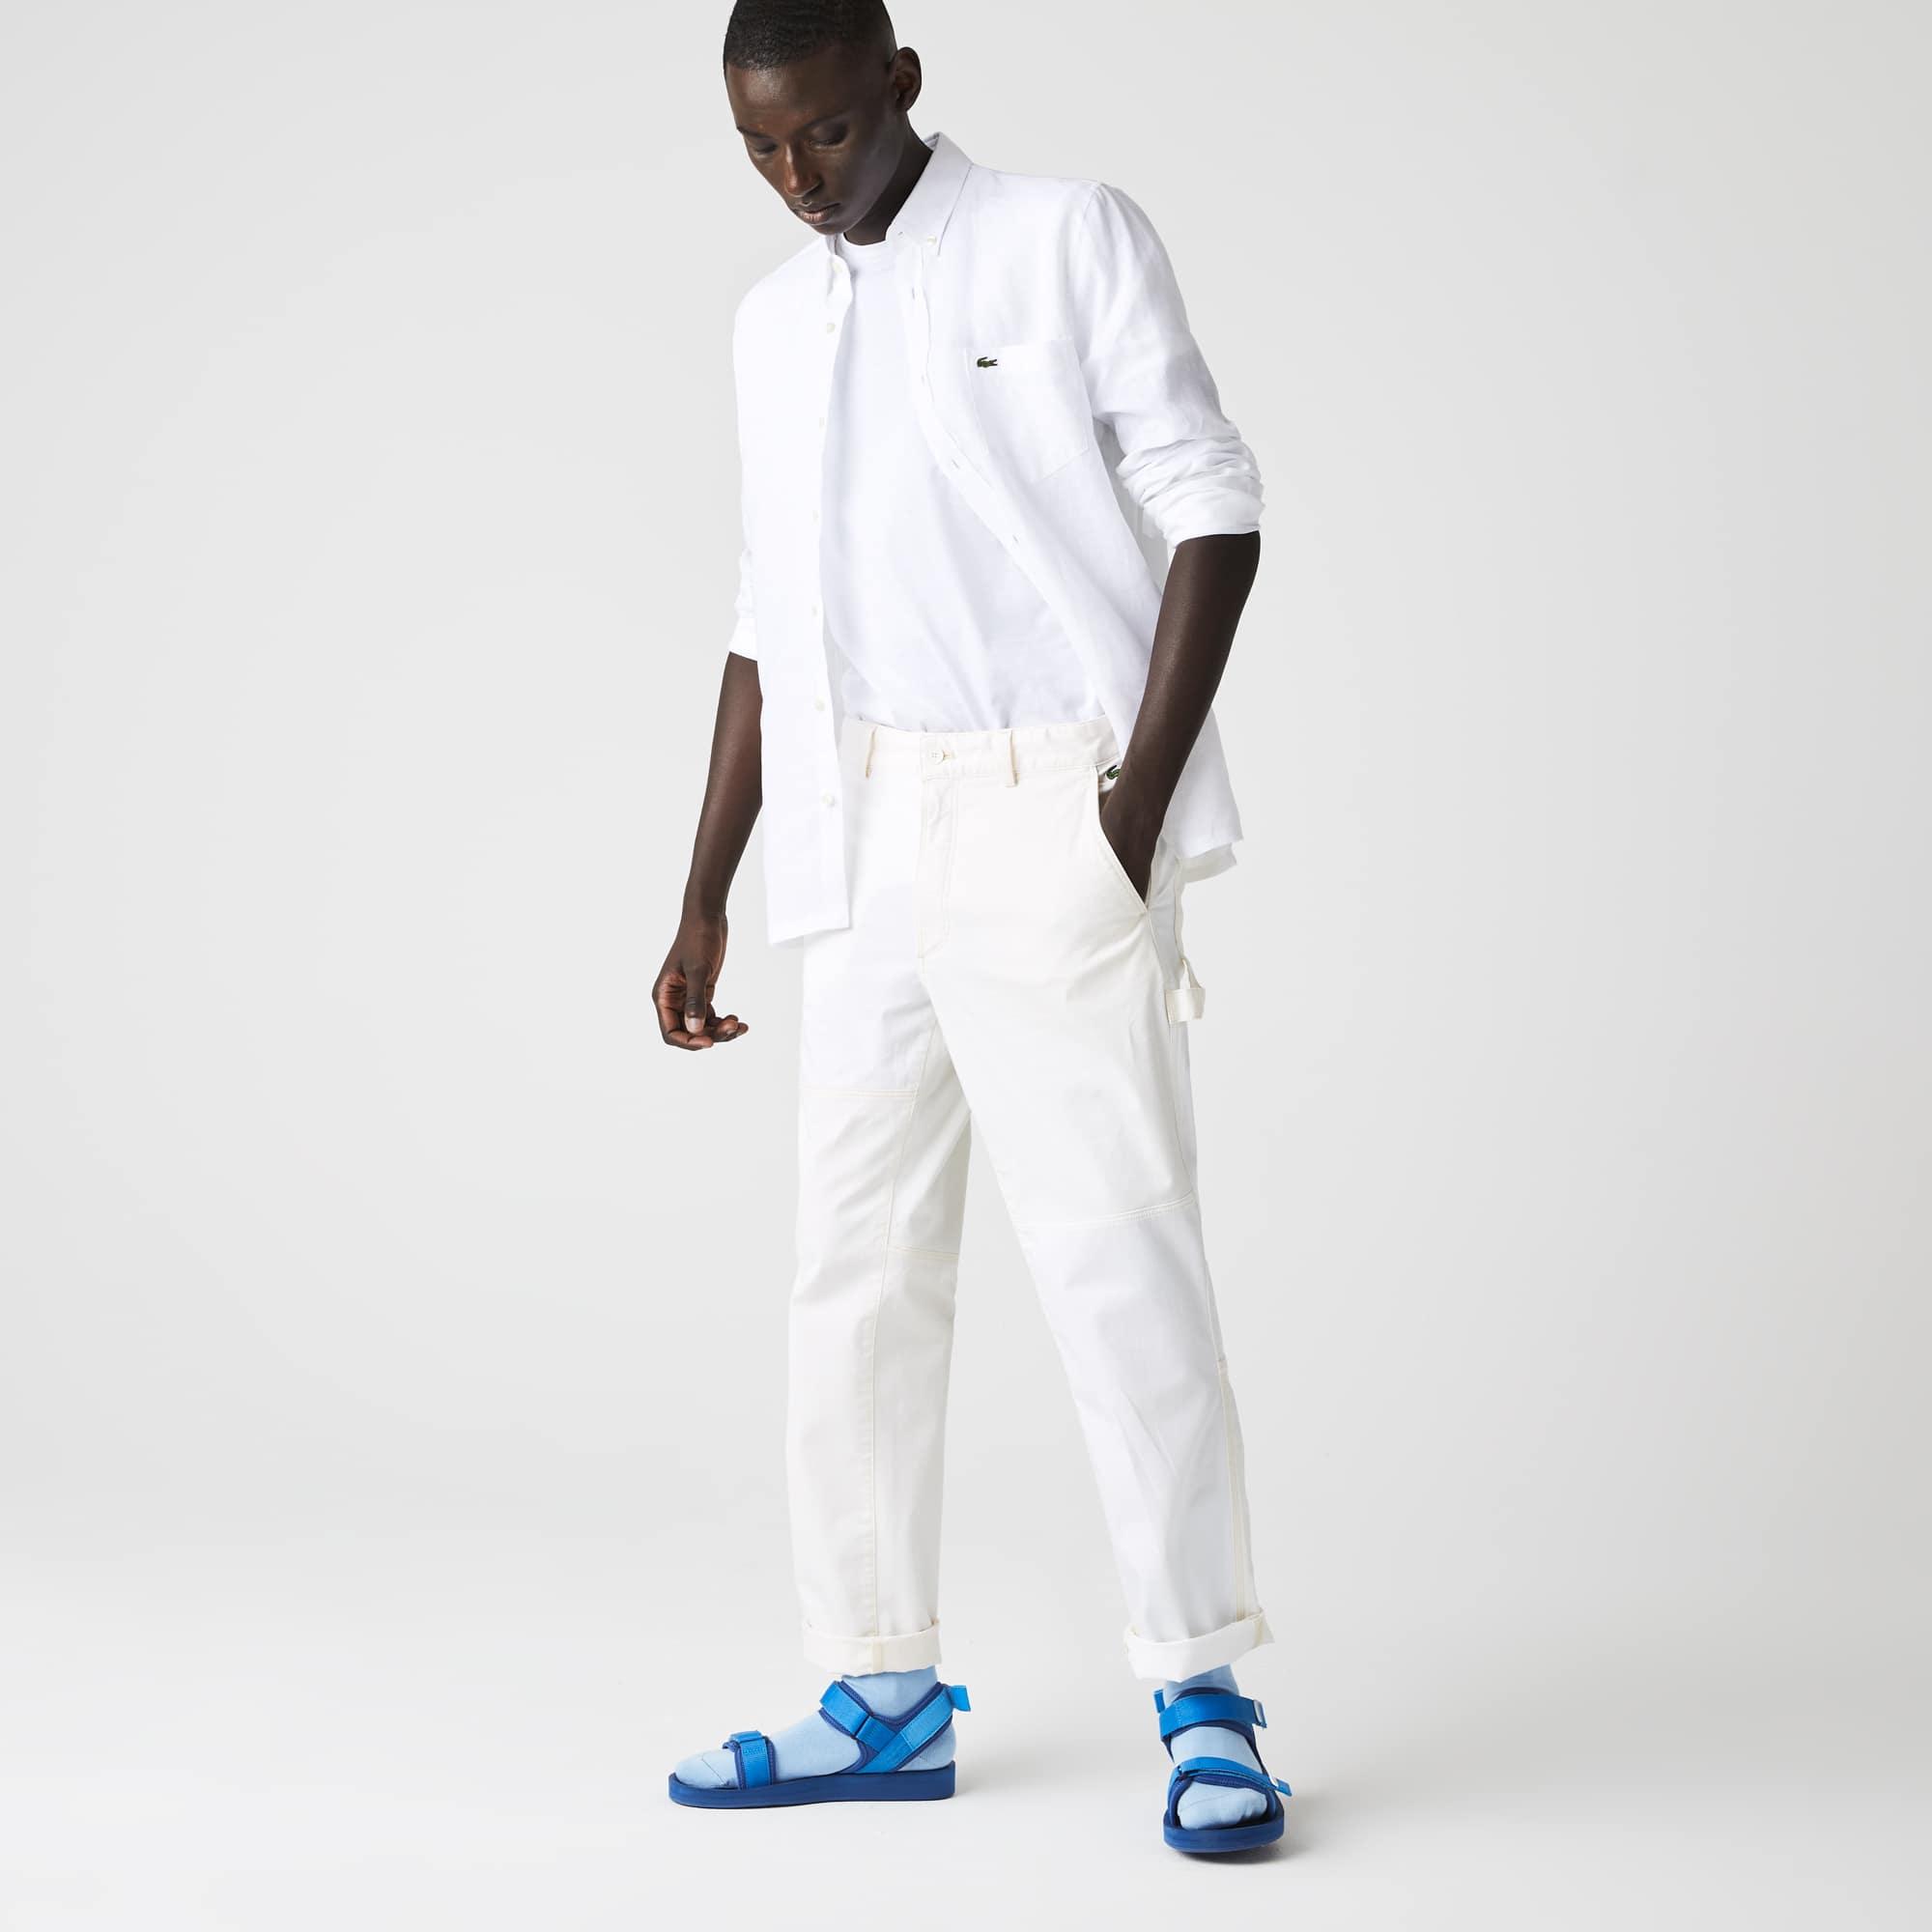 Camisas   Moda para Homem   LACOSTE b8e9152bf0